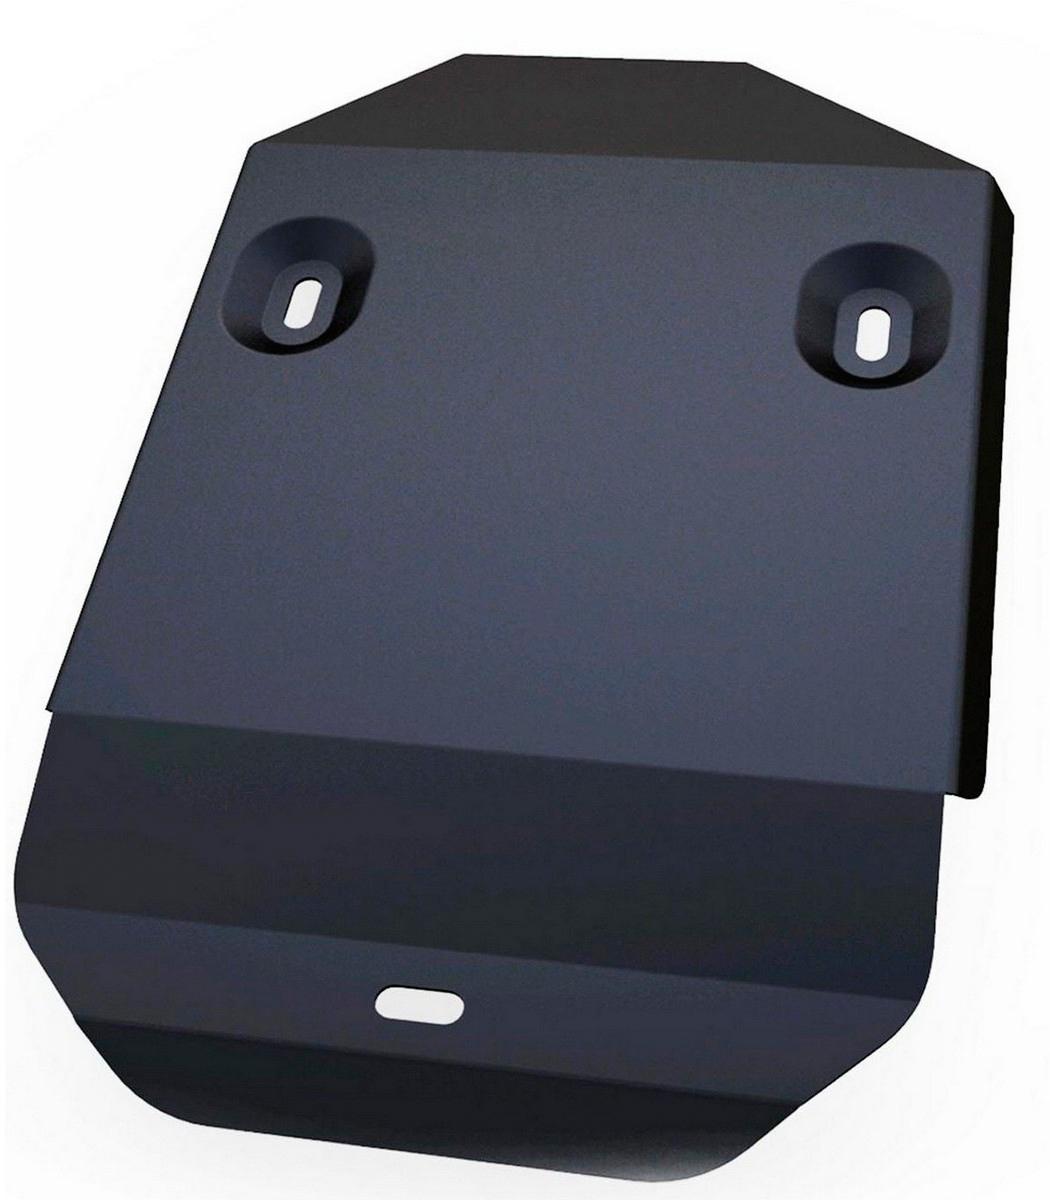 Защита редуктора Автоброня Honda CR-V 2012-, сталь 2 мм111.02128.1Защита редуктора Автоброня Honda CR-V, V - 2,0; 2,4 2012-, сталь 2 мм, комплект крепежа, 111.02128.1Стальные защиты Автоброня надежно защищают ваш автомобиль от повреждений при наезде на бордюры, выступающие канализационные люки, кромки поврежденного асфальта или при ремонте дорог, не говоря уже о загородных дорогах. - Имеют оптимальное соотношение цена-качество. - Спроектированы с учетом особенностей автомобиля, что делает установку удобной. - Защита устанавливается в штатные места кузова автомобиля. - Является надежной защитой для важных элементов на протяжении долгих лет. - Глубокий штамп дополнительно усиливает конструкцию защиты. - Подштамповка в местах крепления защищает крепеж от срезания. - Технологические отверстия там, где они необходимы для смены масла и слива воды, оборудованные заглушками, закрепленными на защите. Толщина стали 2 мм. В комплекте крепеж и инструкция по установке.Уважаемые клиенты! Обращаем ваше внимание на тот факт, что защита имеет форму, соответствующую модели данного автомобиля. Наличие глубокого штампа и лючков для смены фильтров/масла предусмотрено не на всех защитах. Фото служит для визуального восприятия товара.